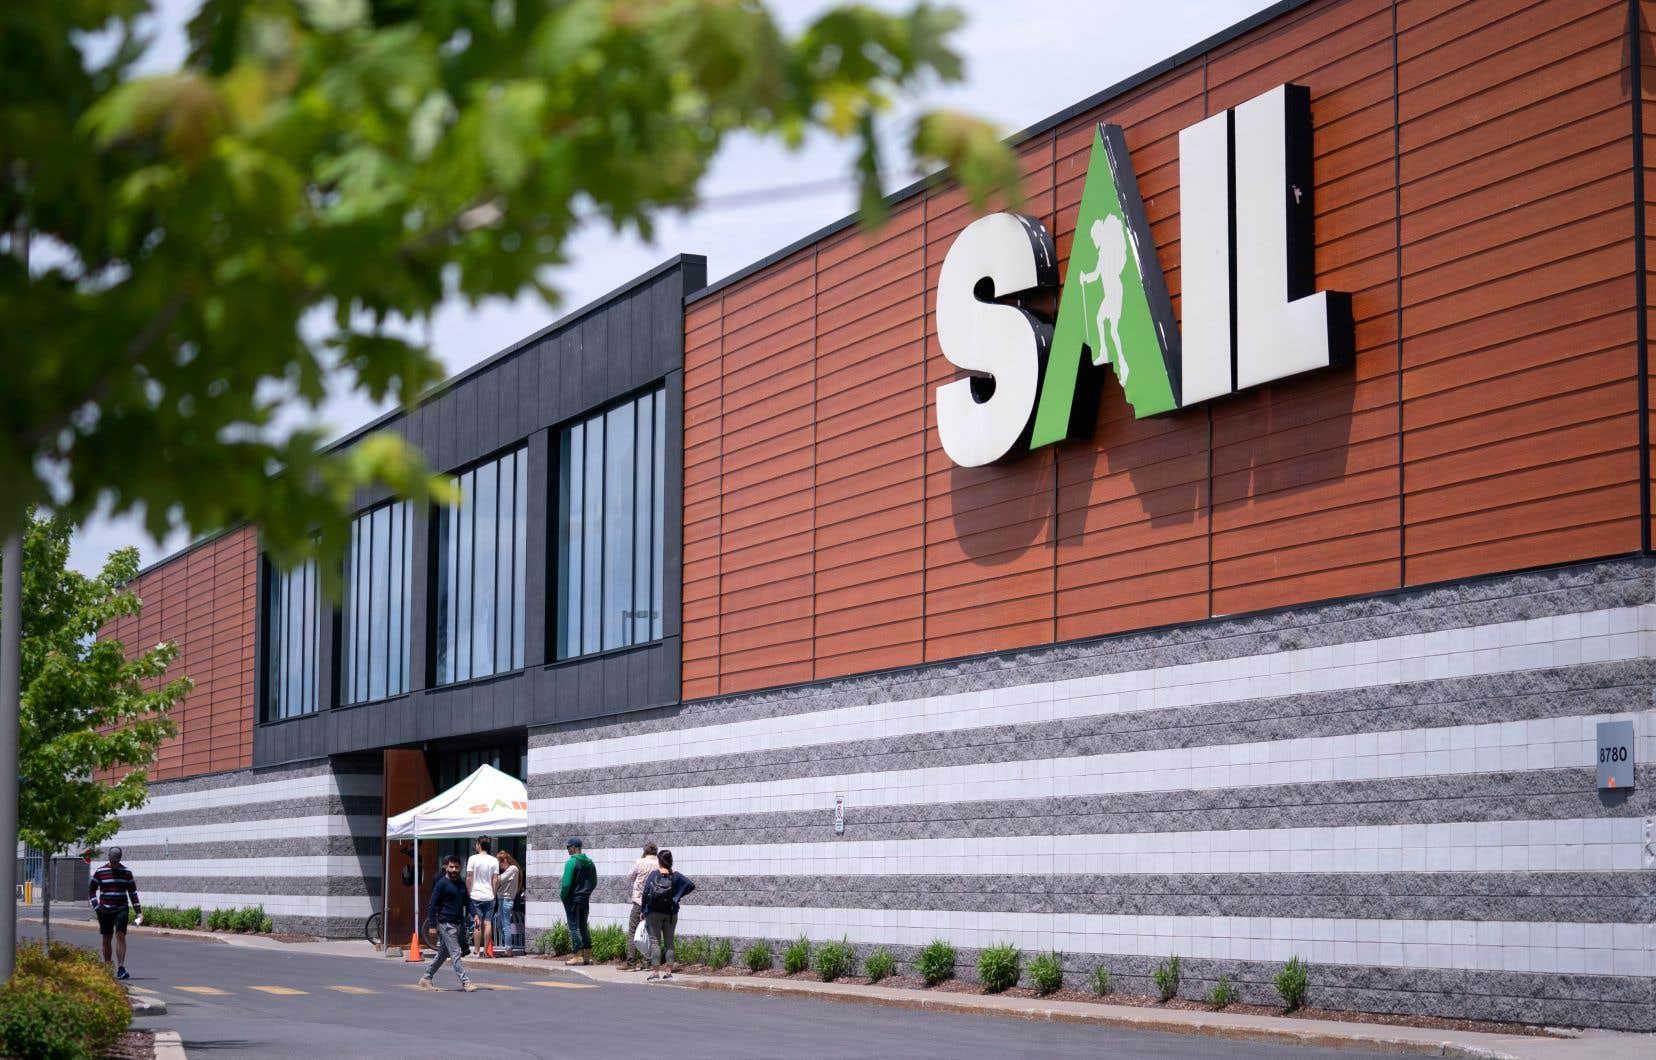 En dépit de la restructuration, les activités se poursuivent normalement au sein de l'entreprise, dont les magasins demeurent ouverts.